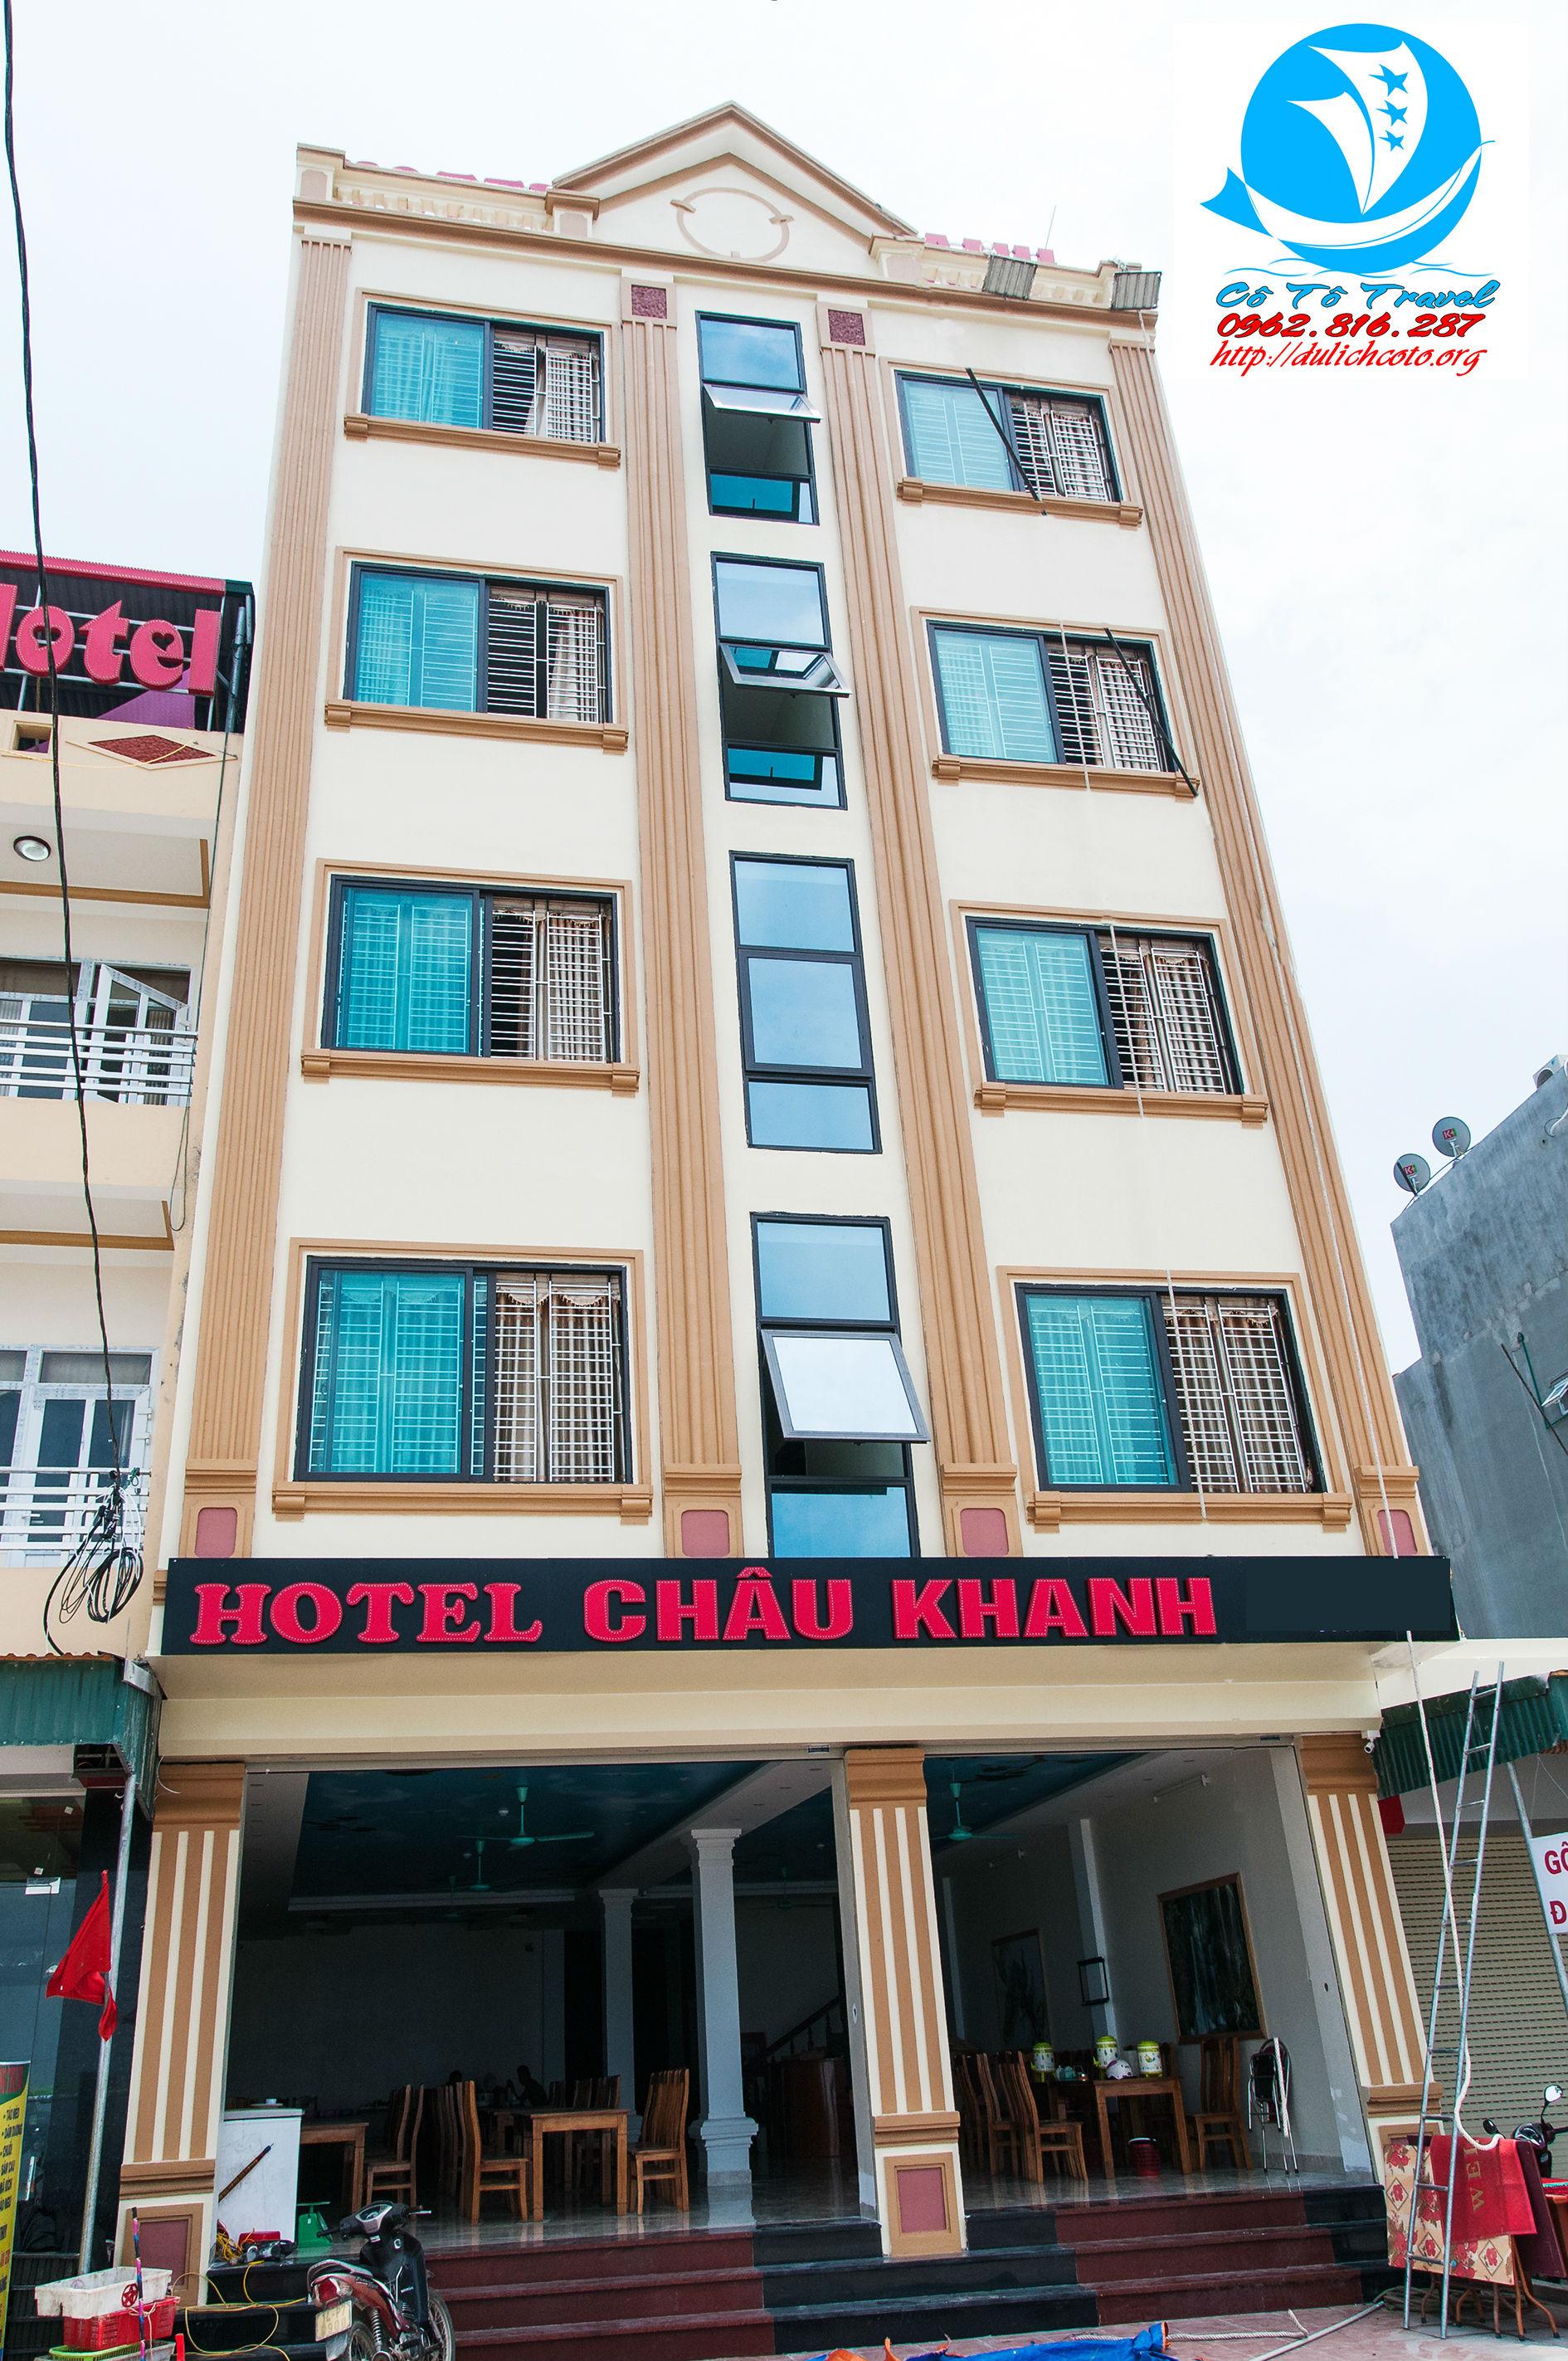 Chau khanh